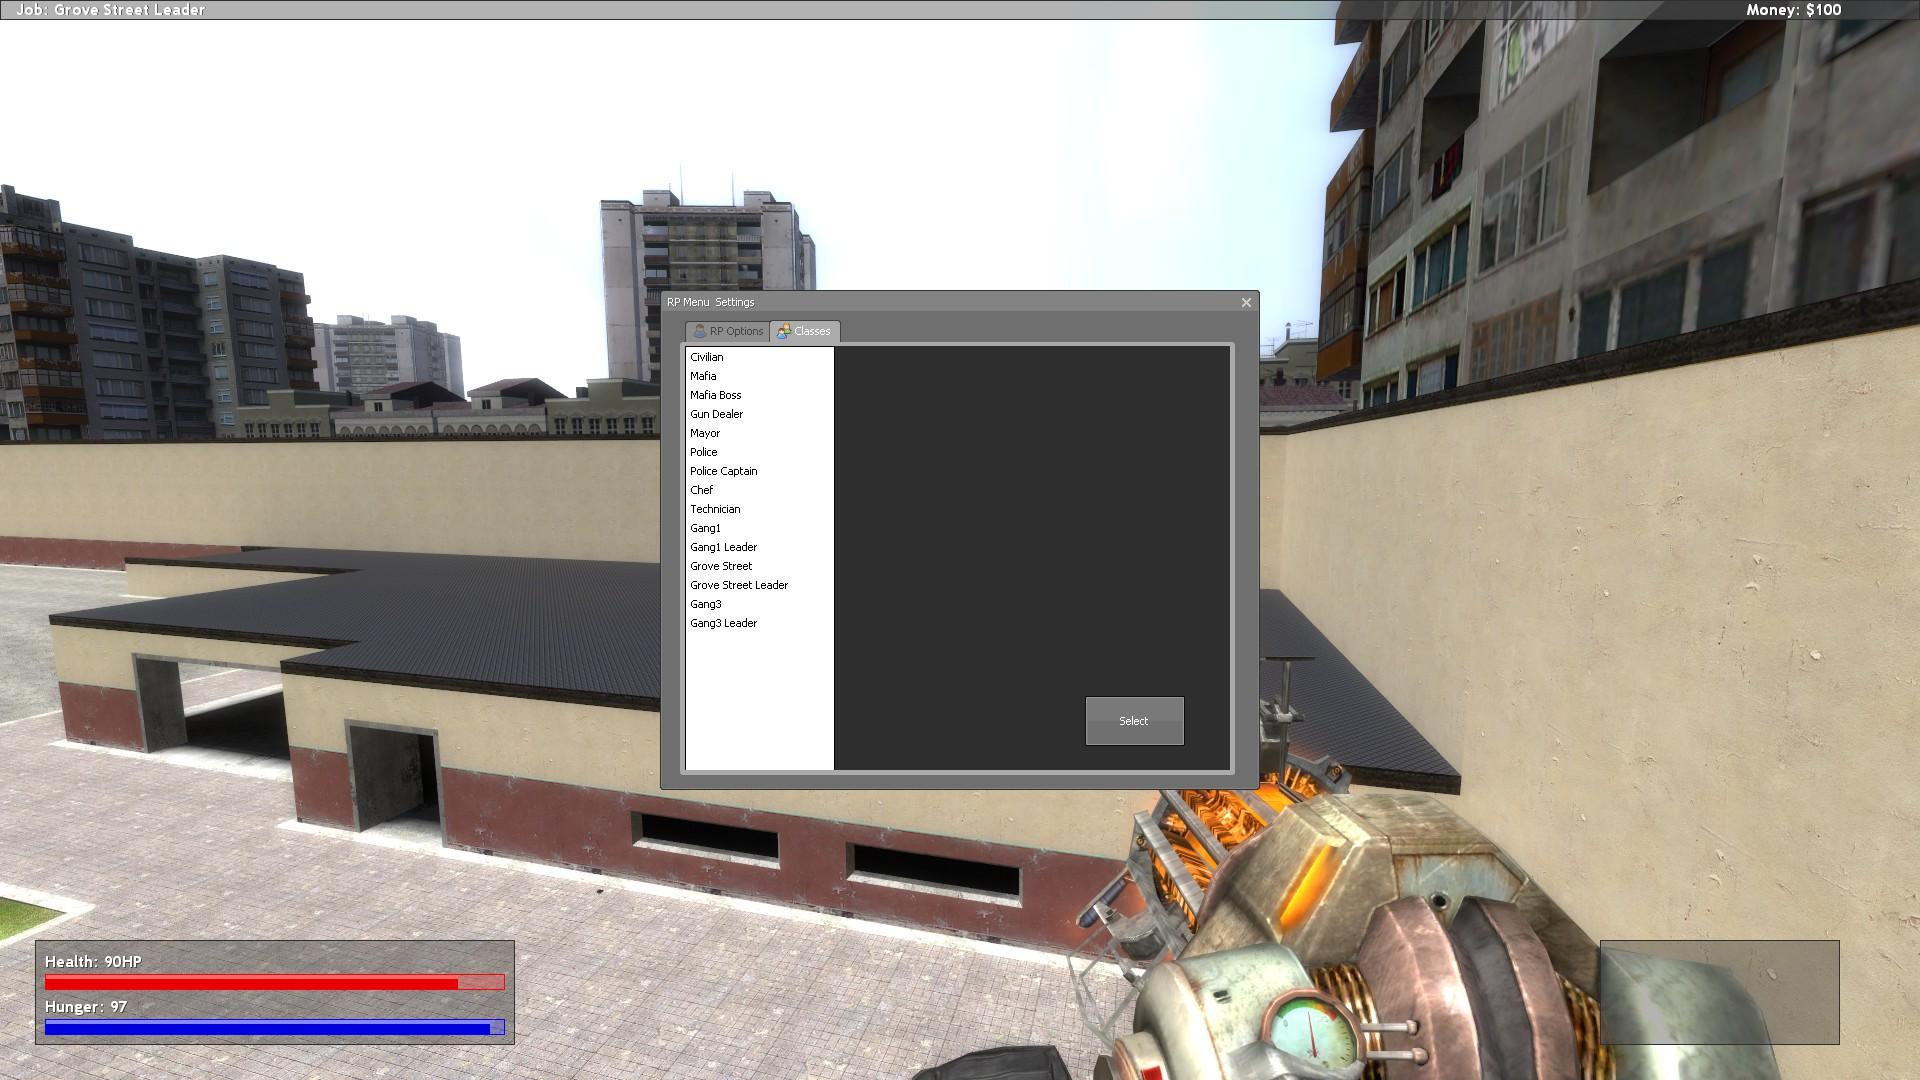 HUD changes, Hunger system added image - Twig RP mod for